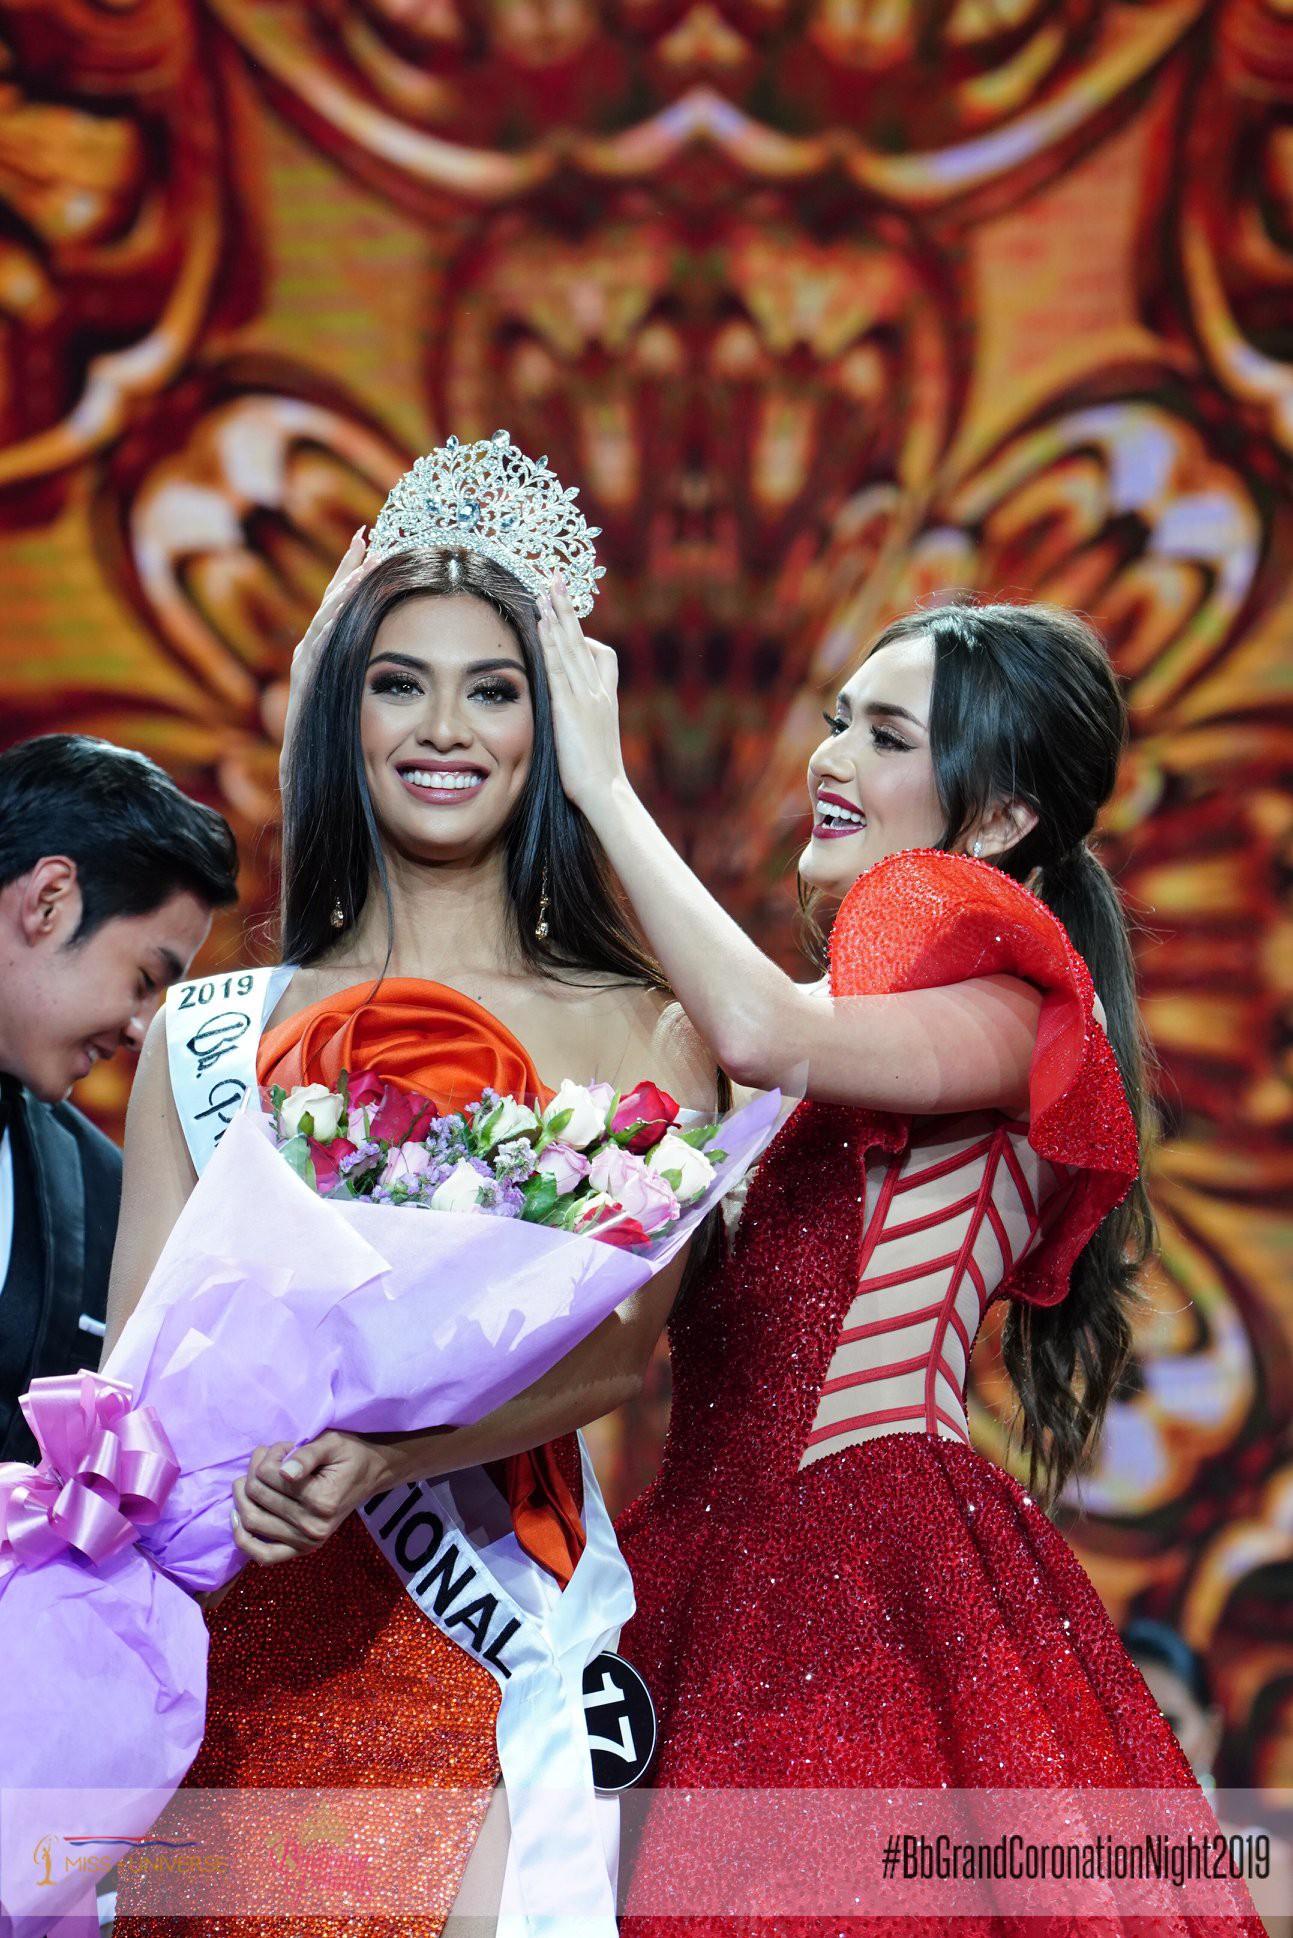 Hoa hậu Hoàn vũ Philippines 2019 lộ diện, được dự đoán tiếp tục gây sốt tại Miss Universe  - Ảnh 3.